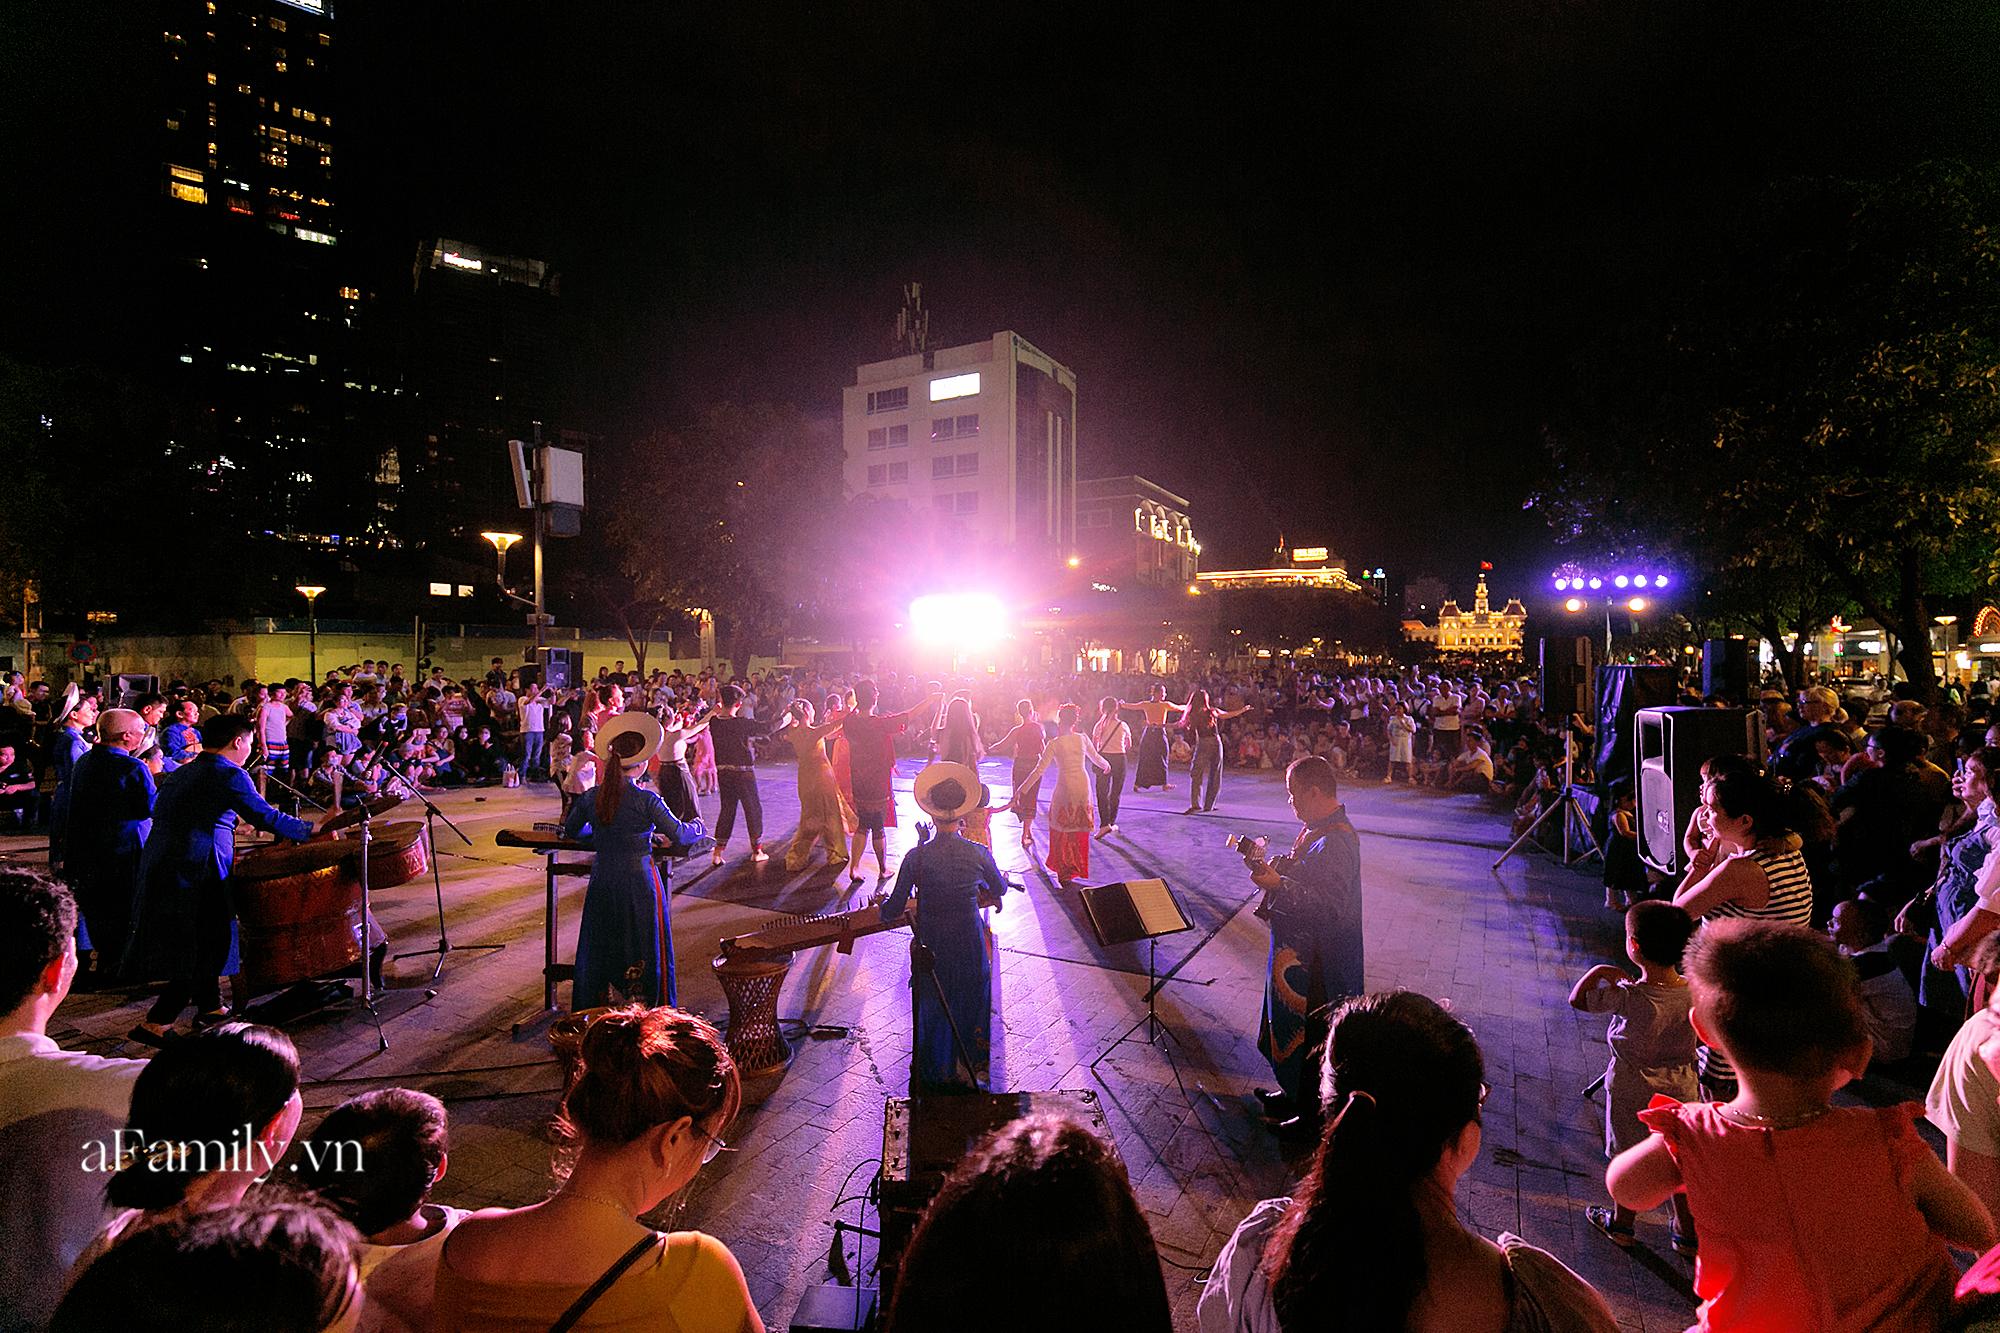 Phố đi bộ Nguyễn Huệ bắt đầu tổ chức các hoạt động biểu diễn nghệ thuật đường phố miễn phí và đây là tuần đầu tiên người Sài Gòn được trải nghiệm - Ảnh 1.